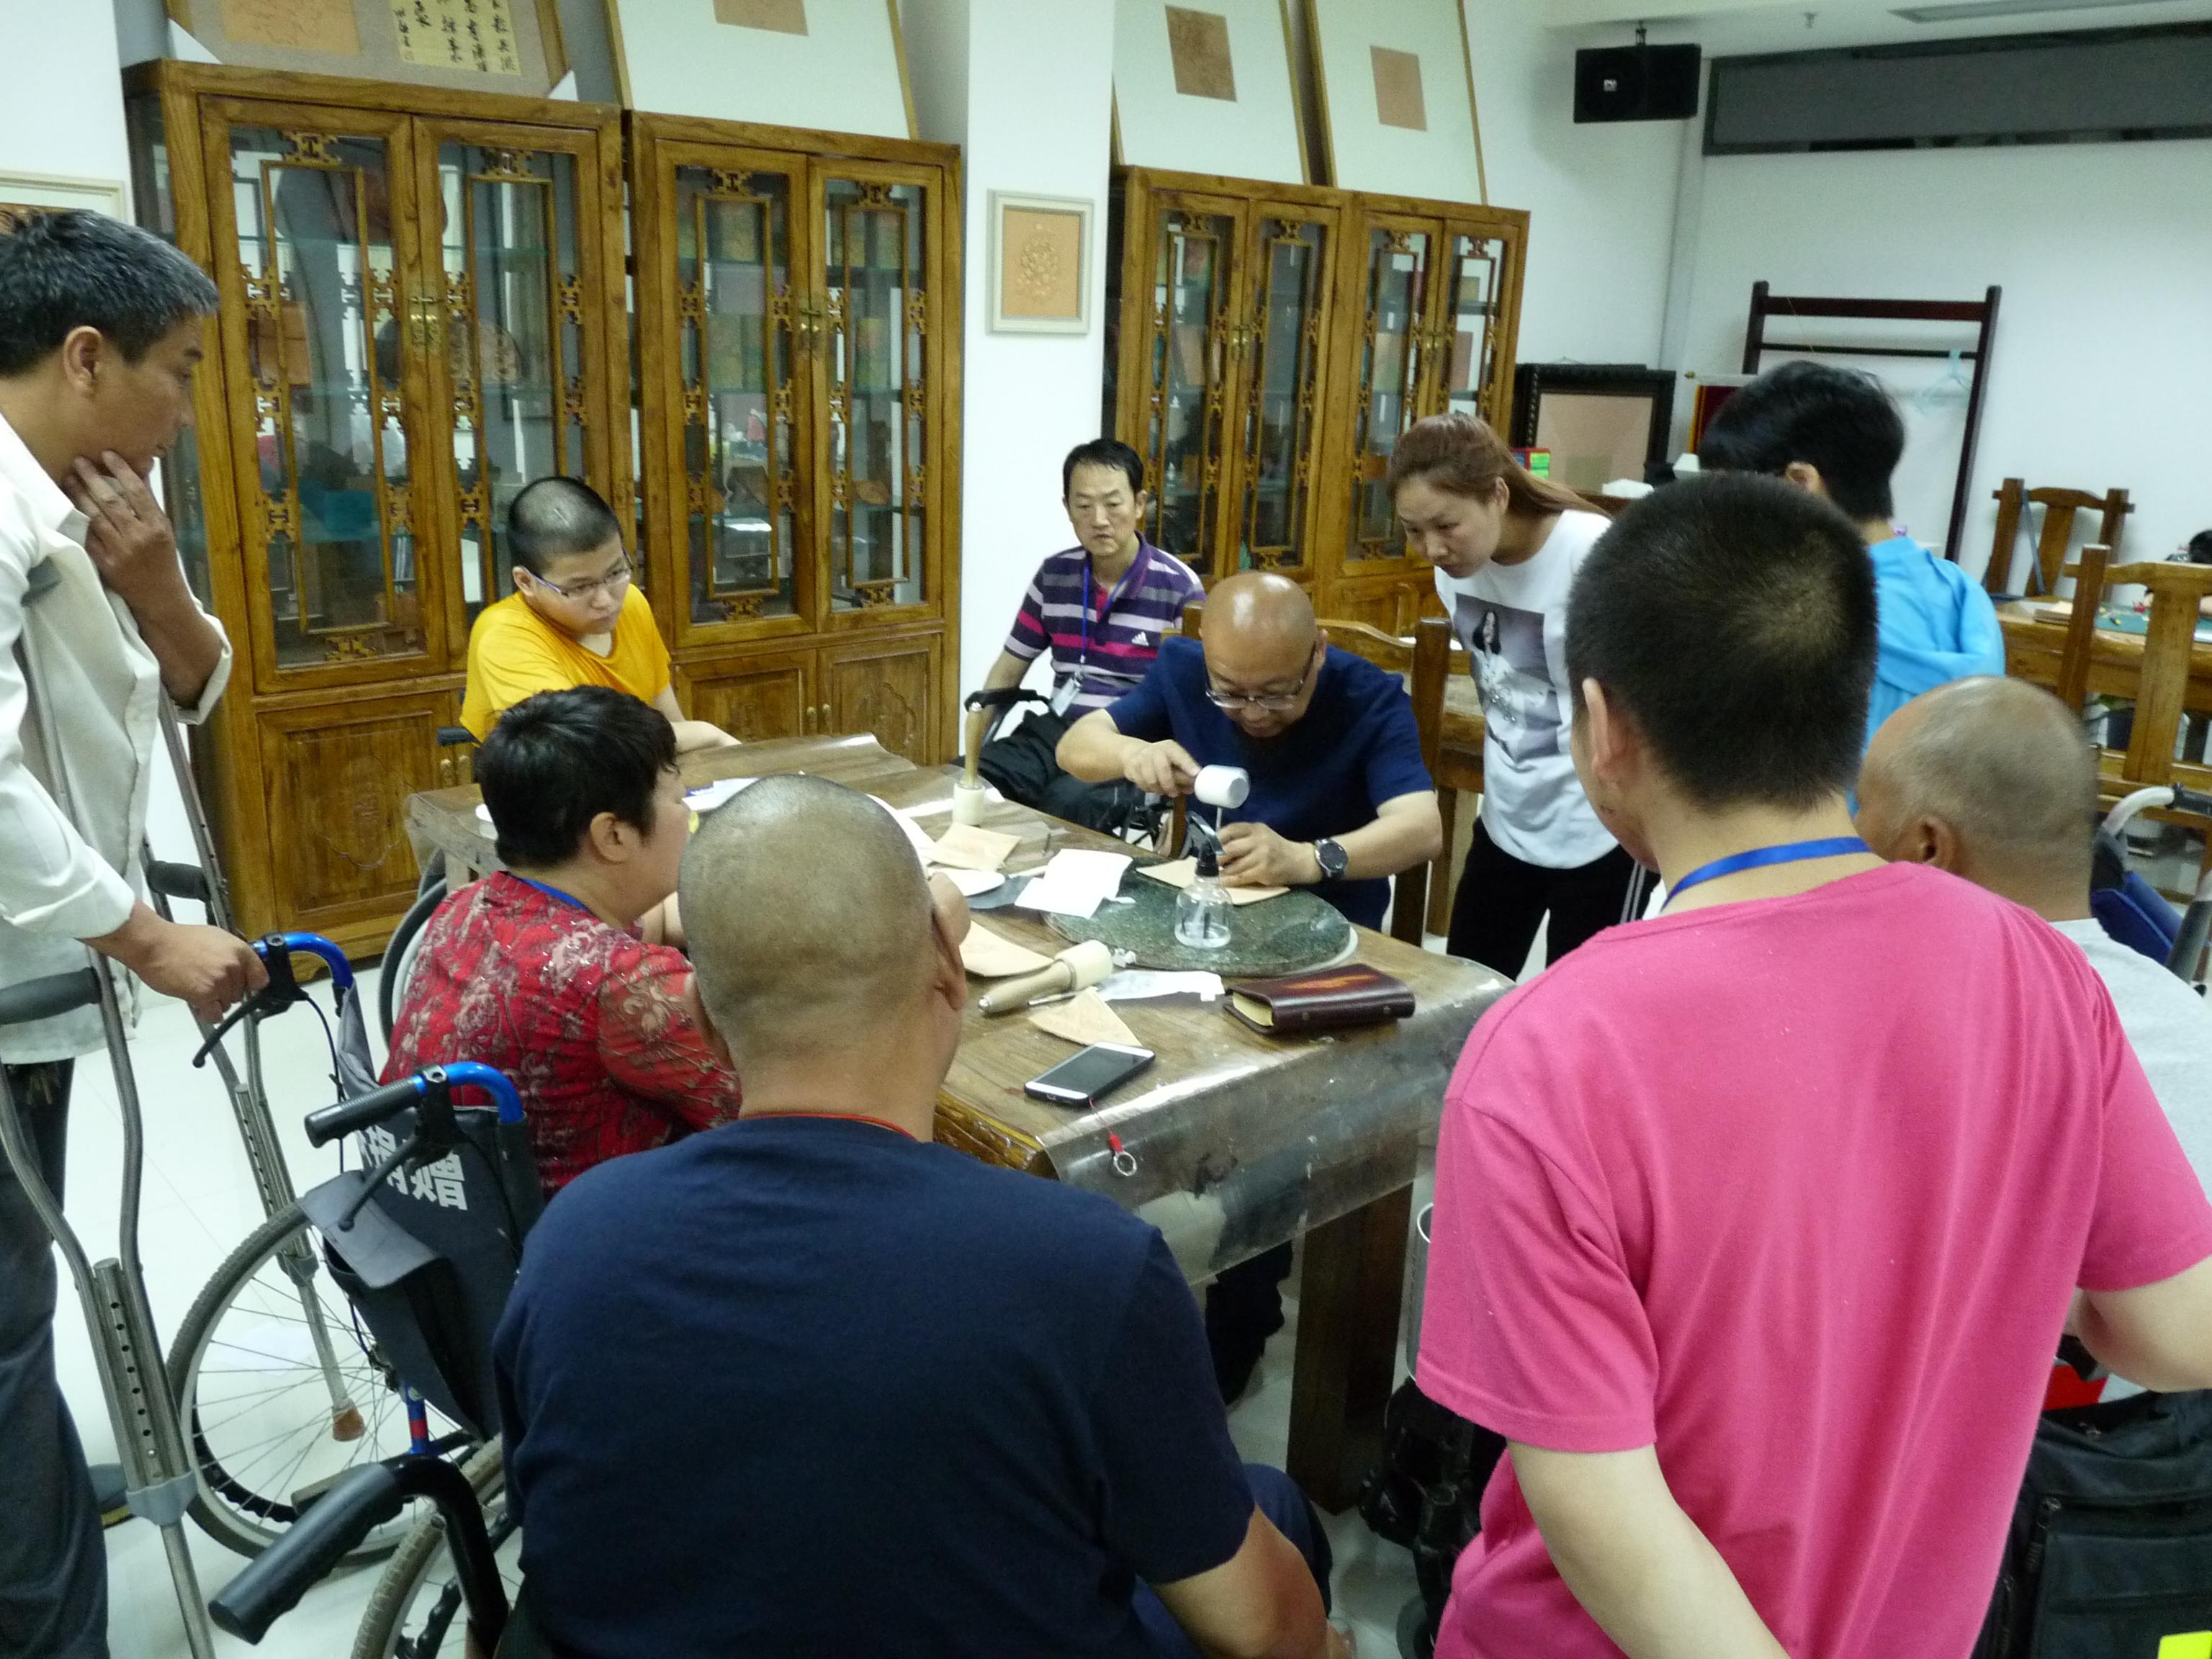 洛阳市残联举办残疾人技能培训班